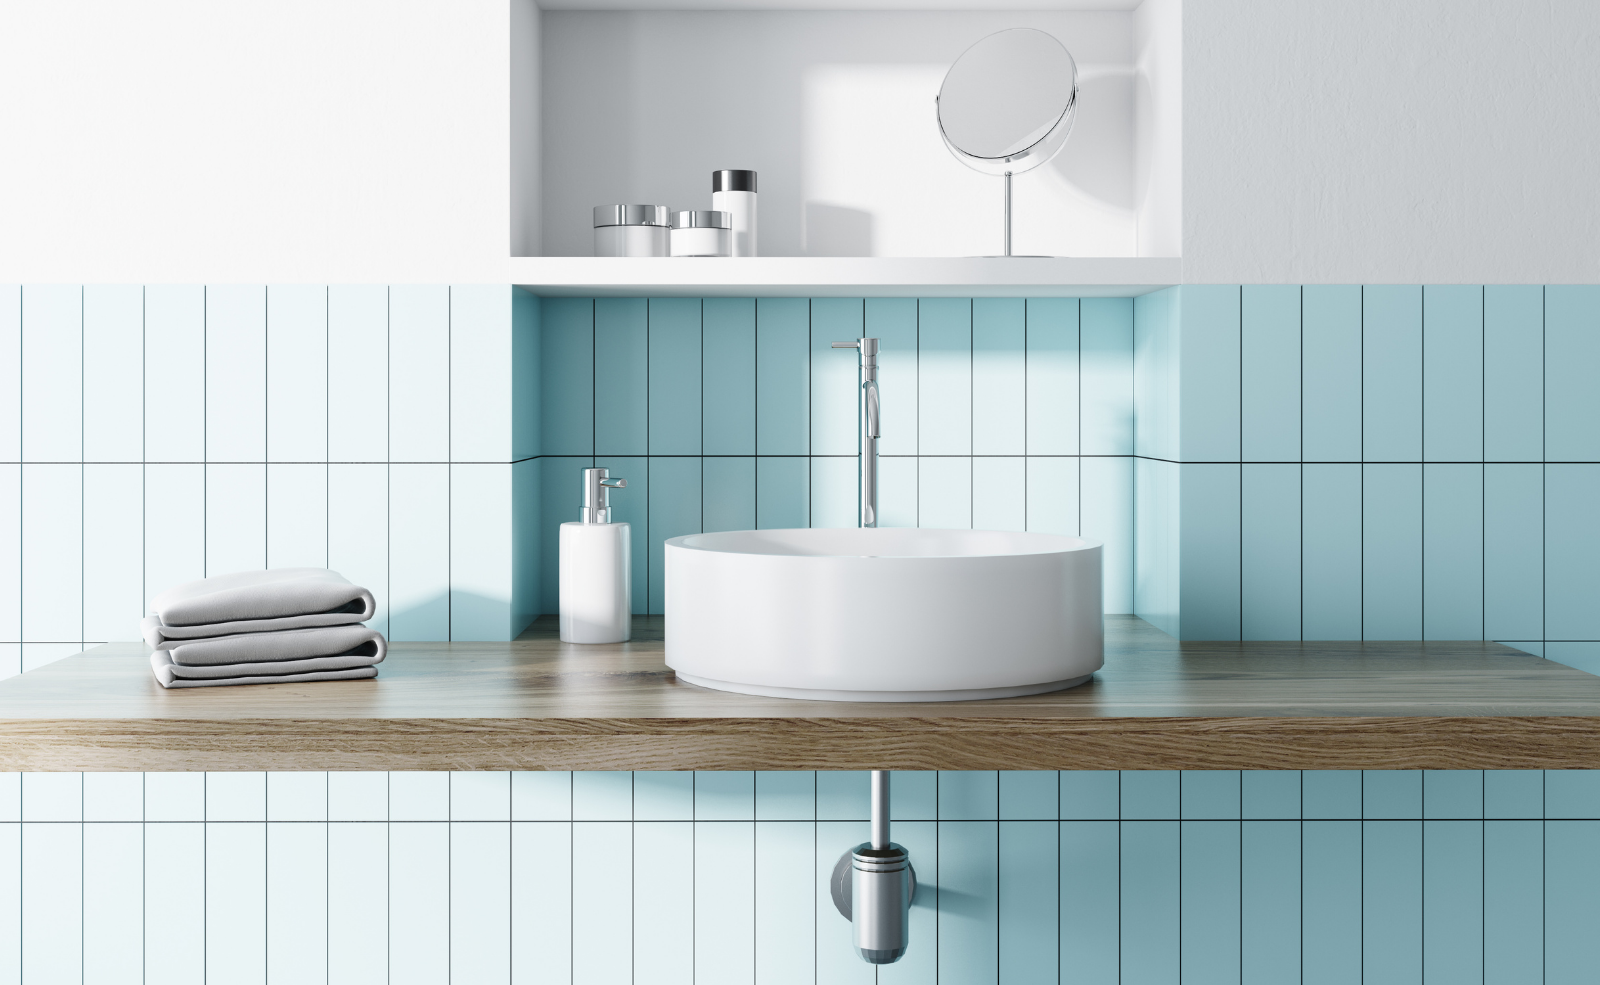 Waschbecken einbauen: Was kostet der Einbau einer Spüle?